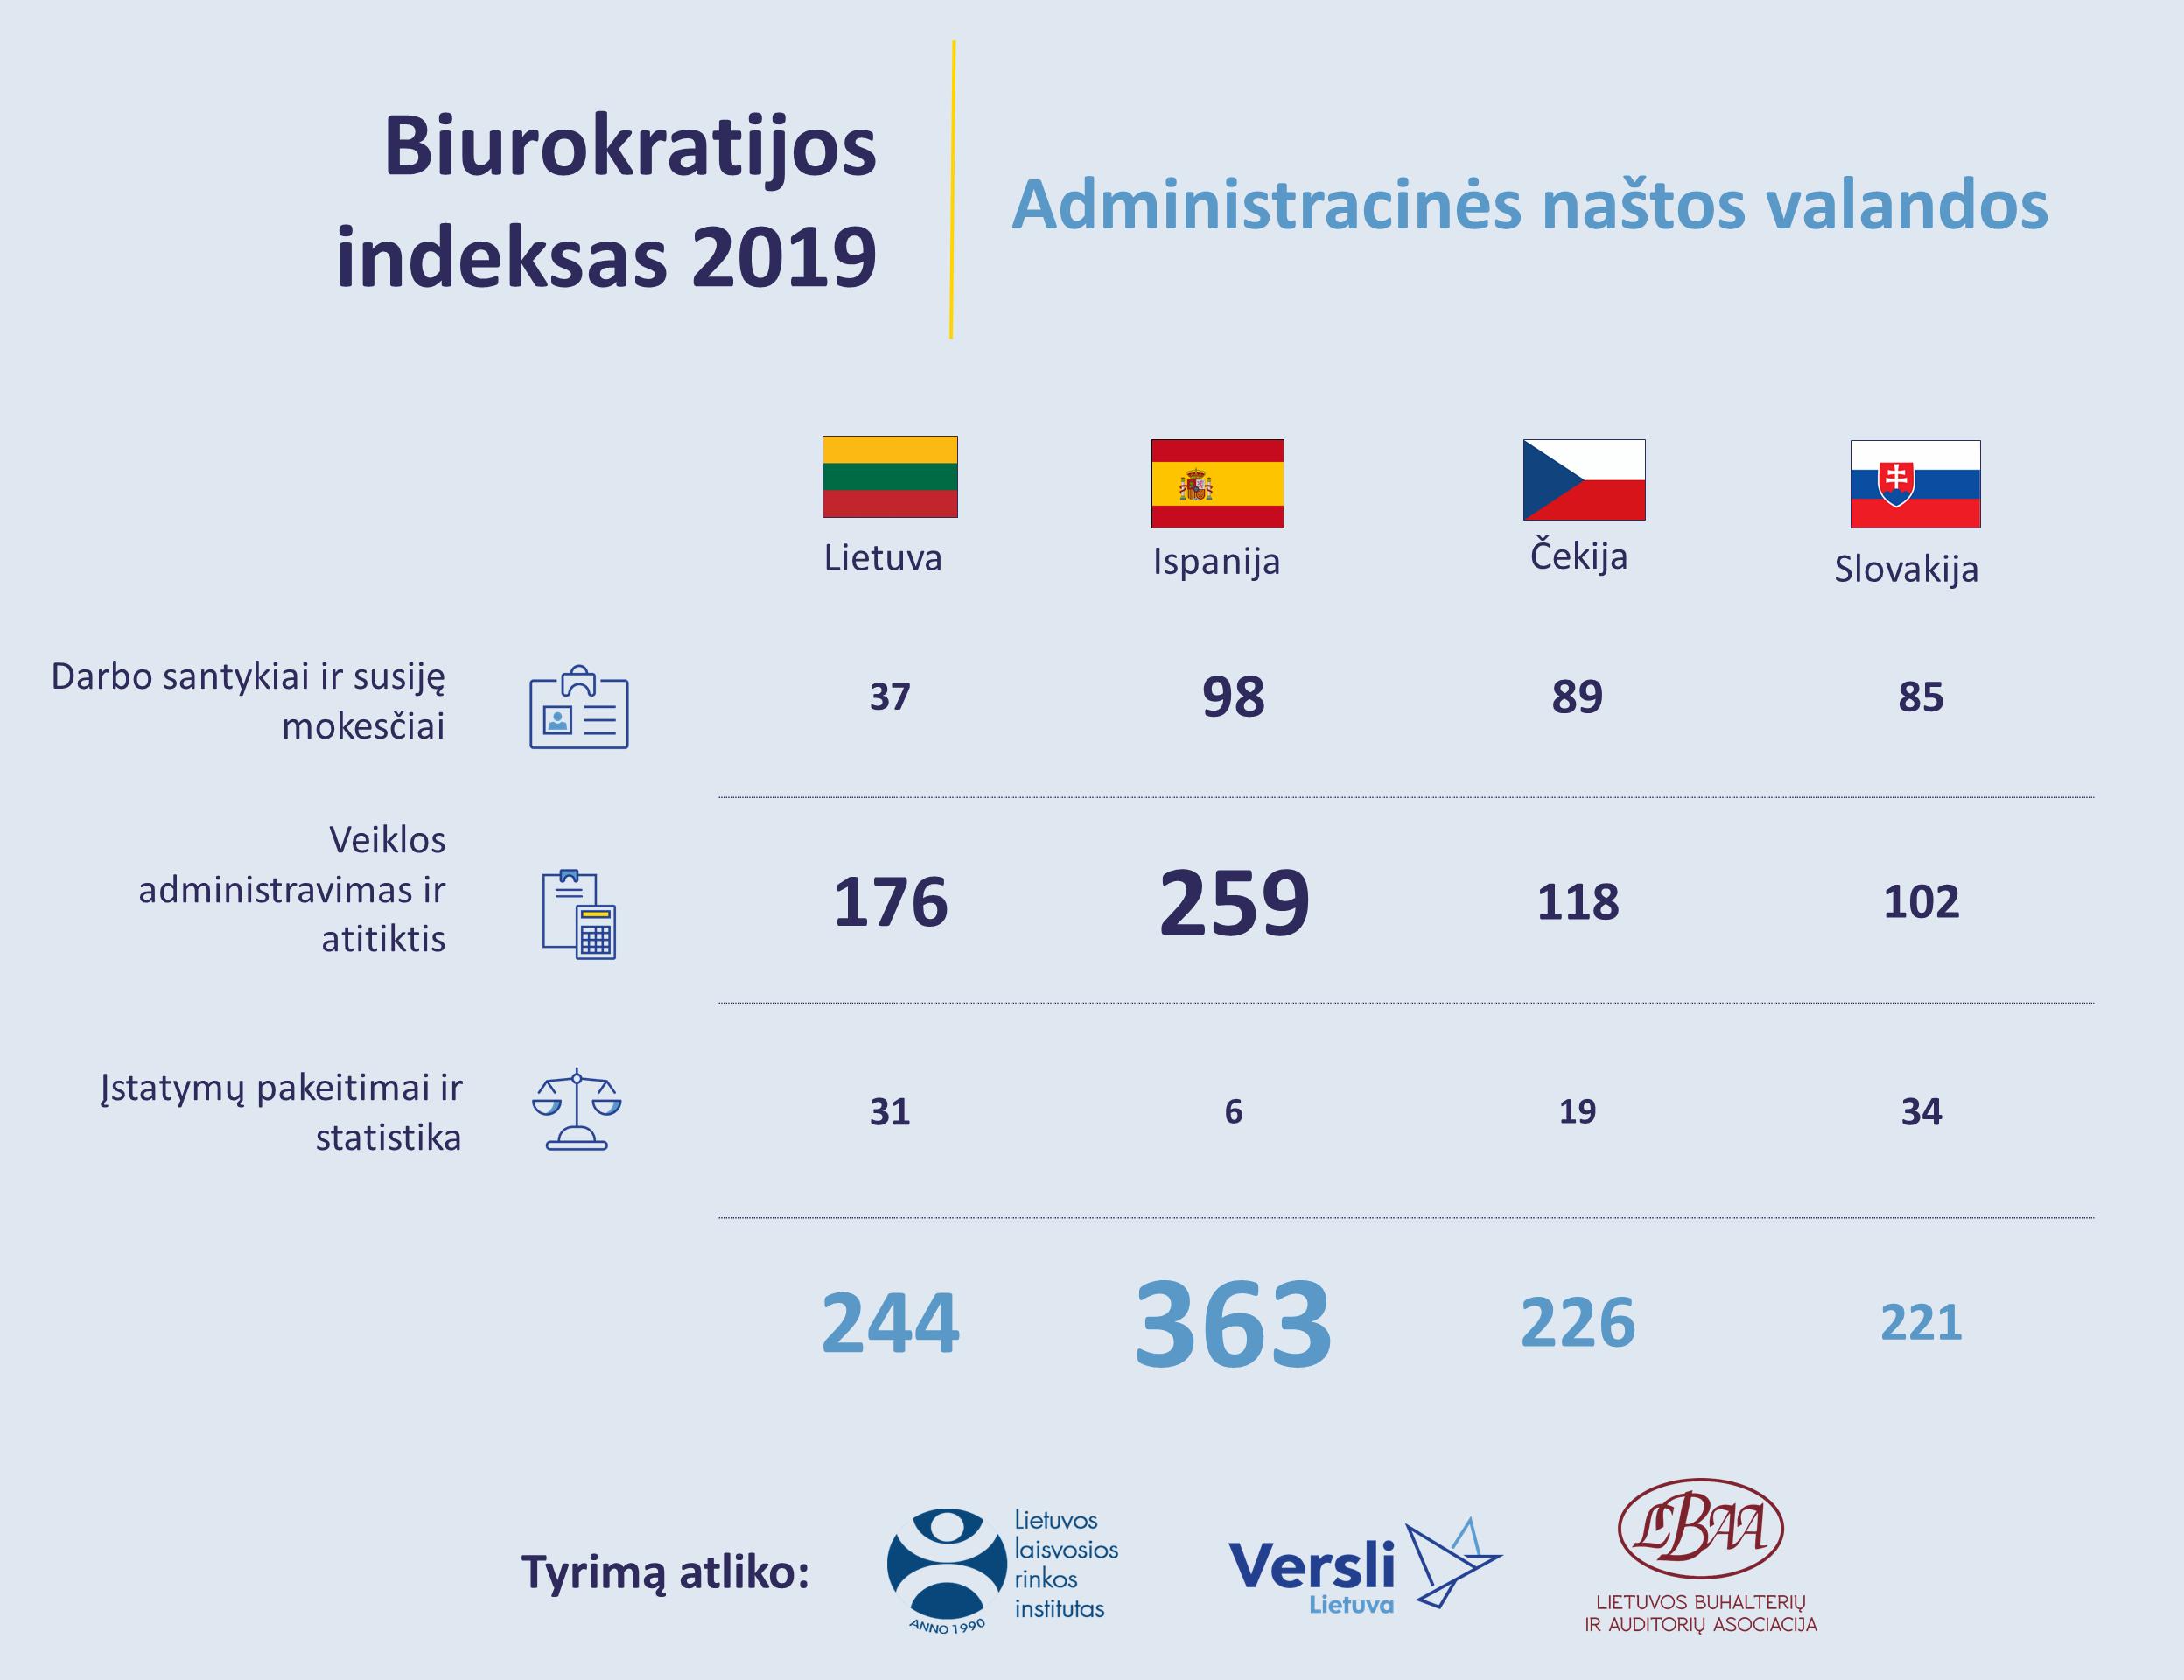 Biurokratijos indeksas: Lietuvoje maža įmonė biurokratijai per metus vidutiniškai skiria 244 valandas